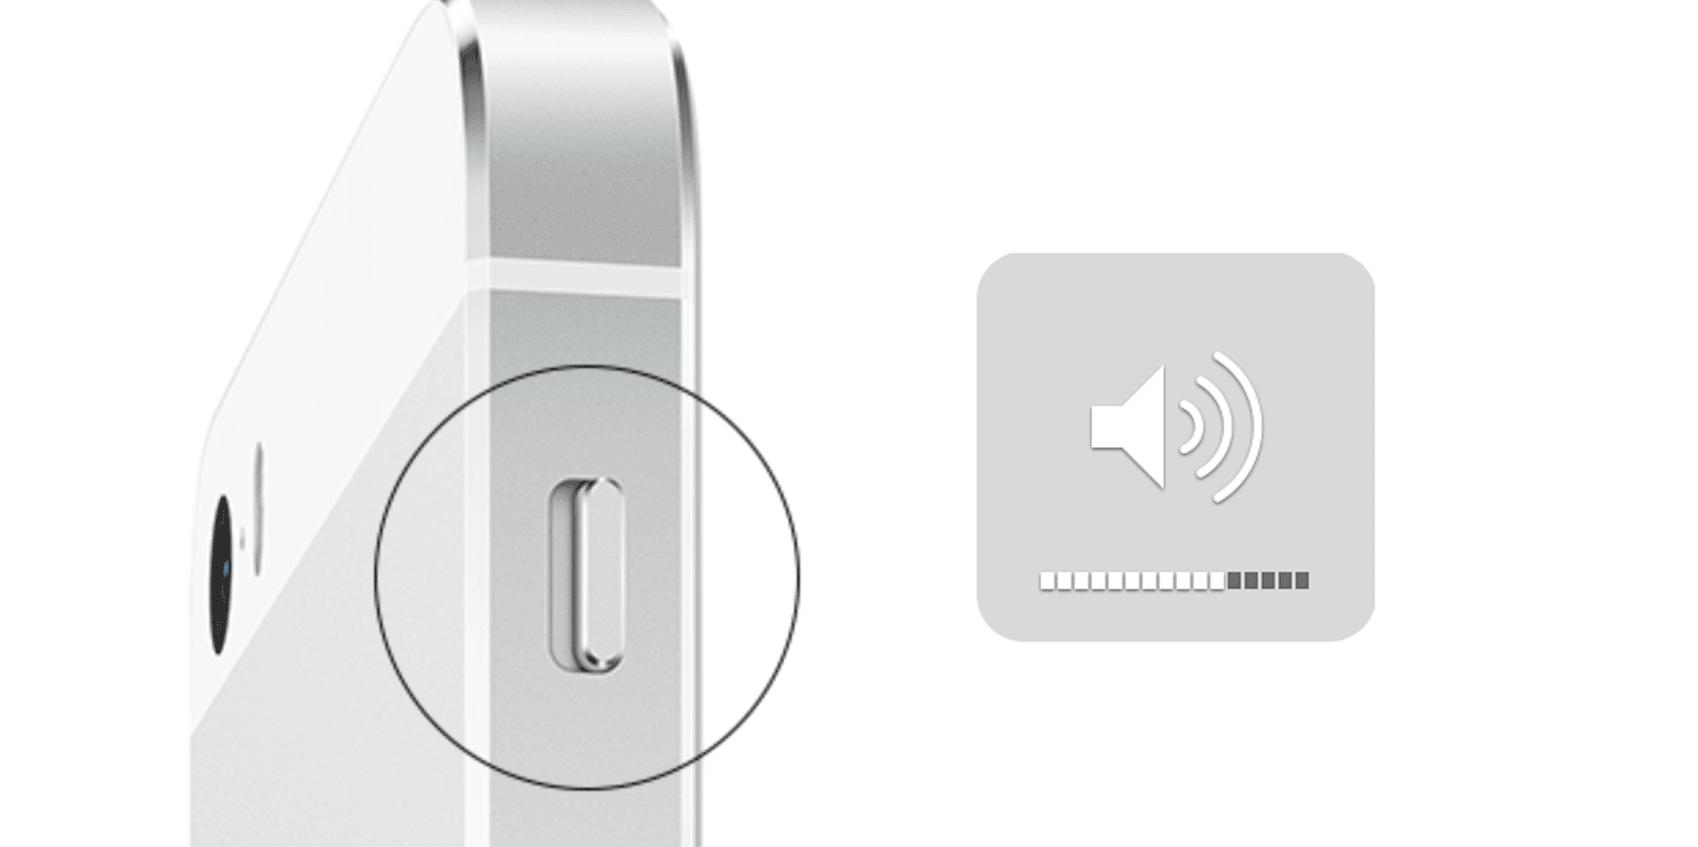 Bild: Haptikgedächtnis und Lautstärke-Switch an modernen Smartphones